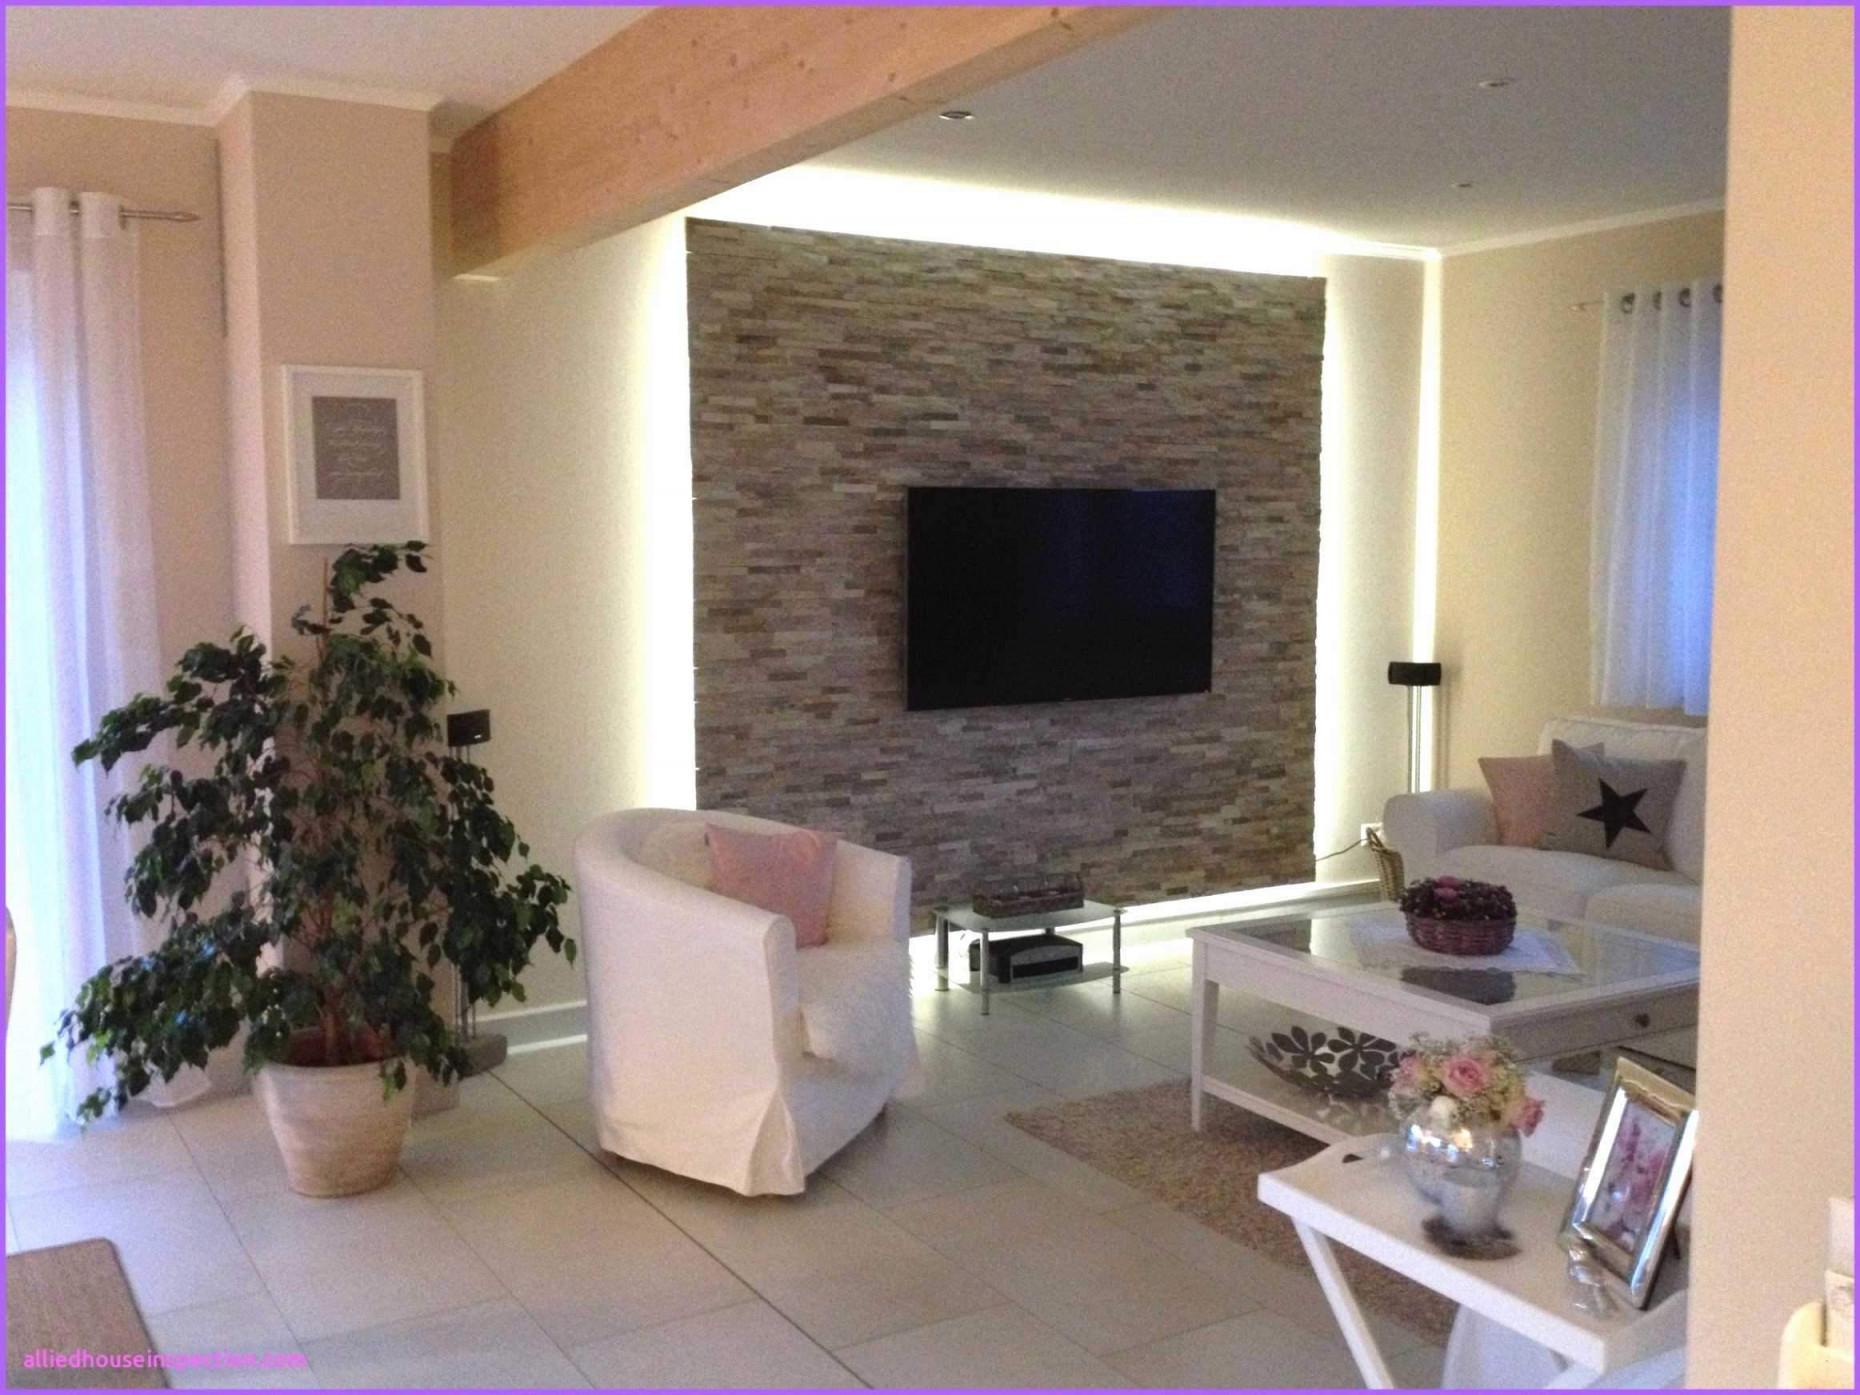 Wohnzimmer Ideen Landhausstil Modern Neu Landhausstil von Landhausstil Wohnzimmer Ideen Photo